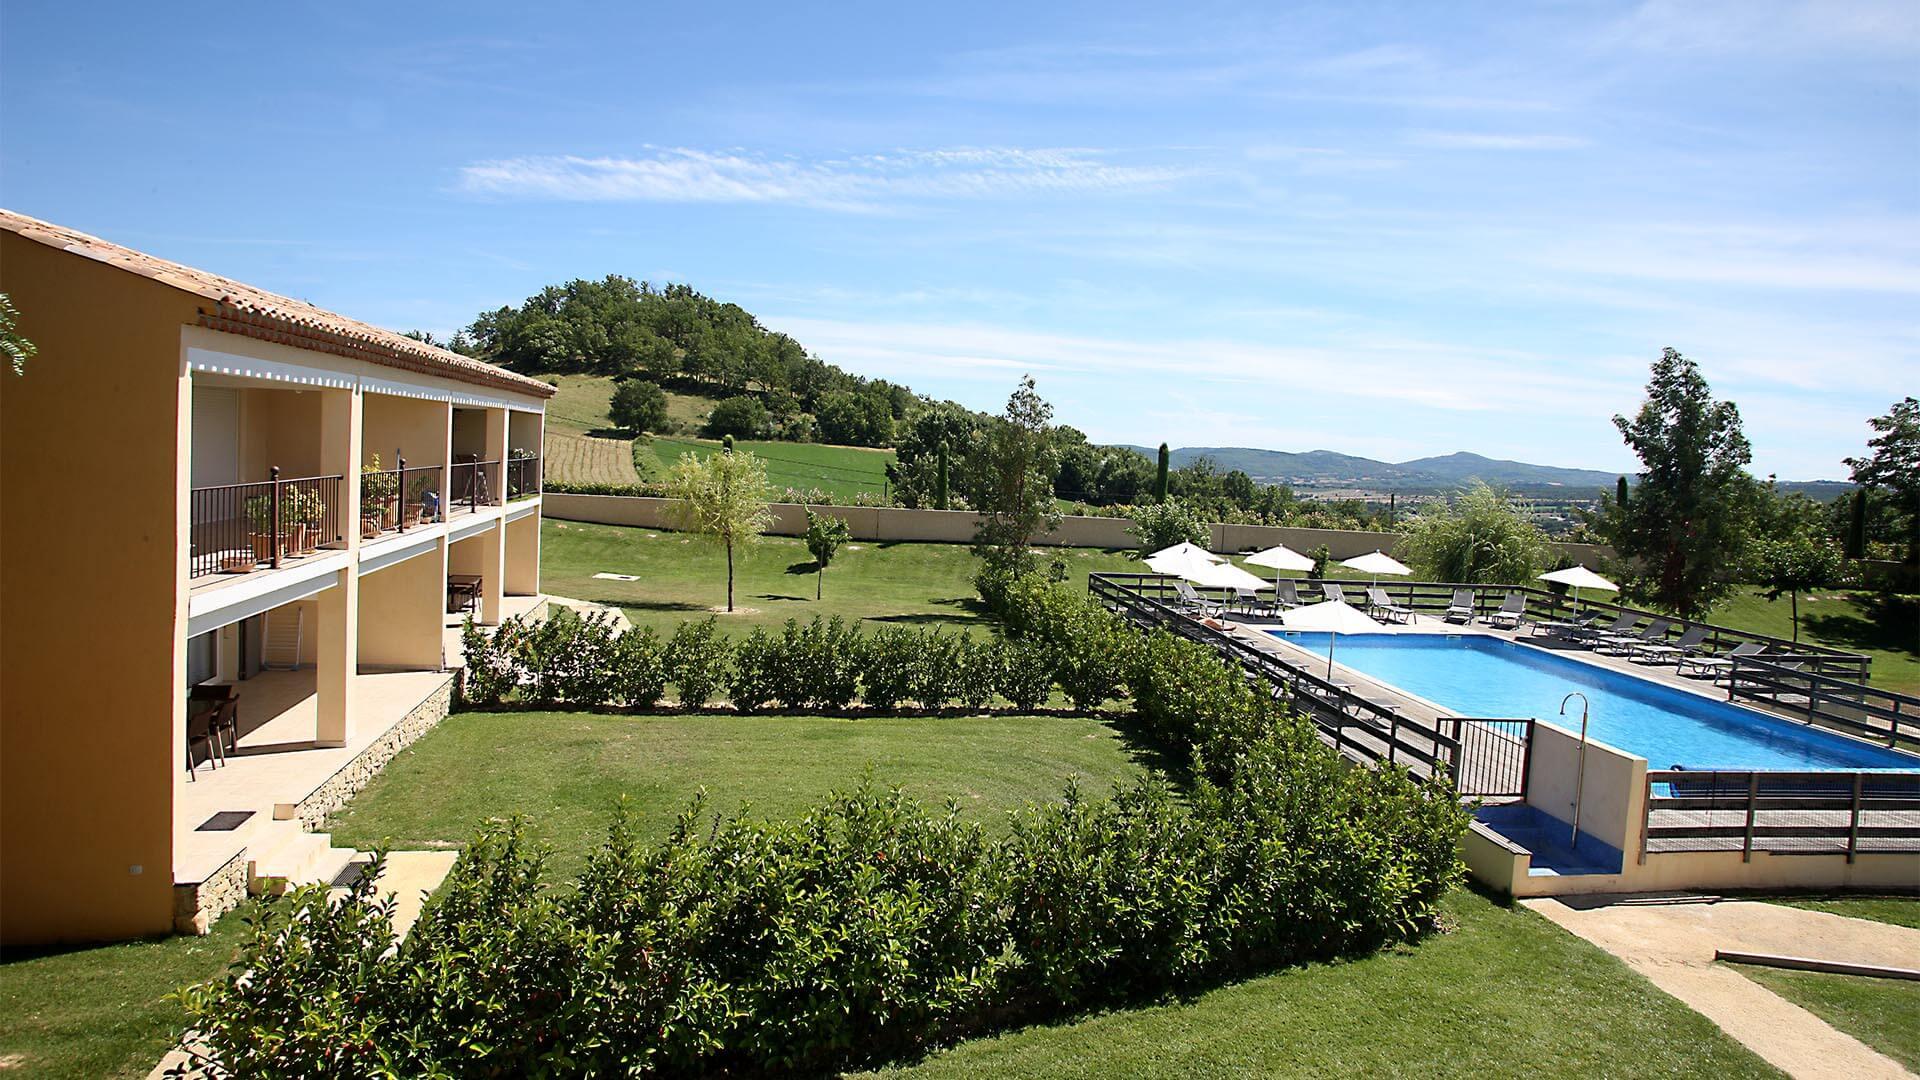 Appartement vacances à louer Provence | Piscine commune